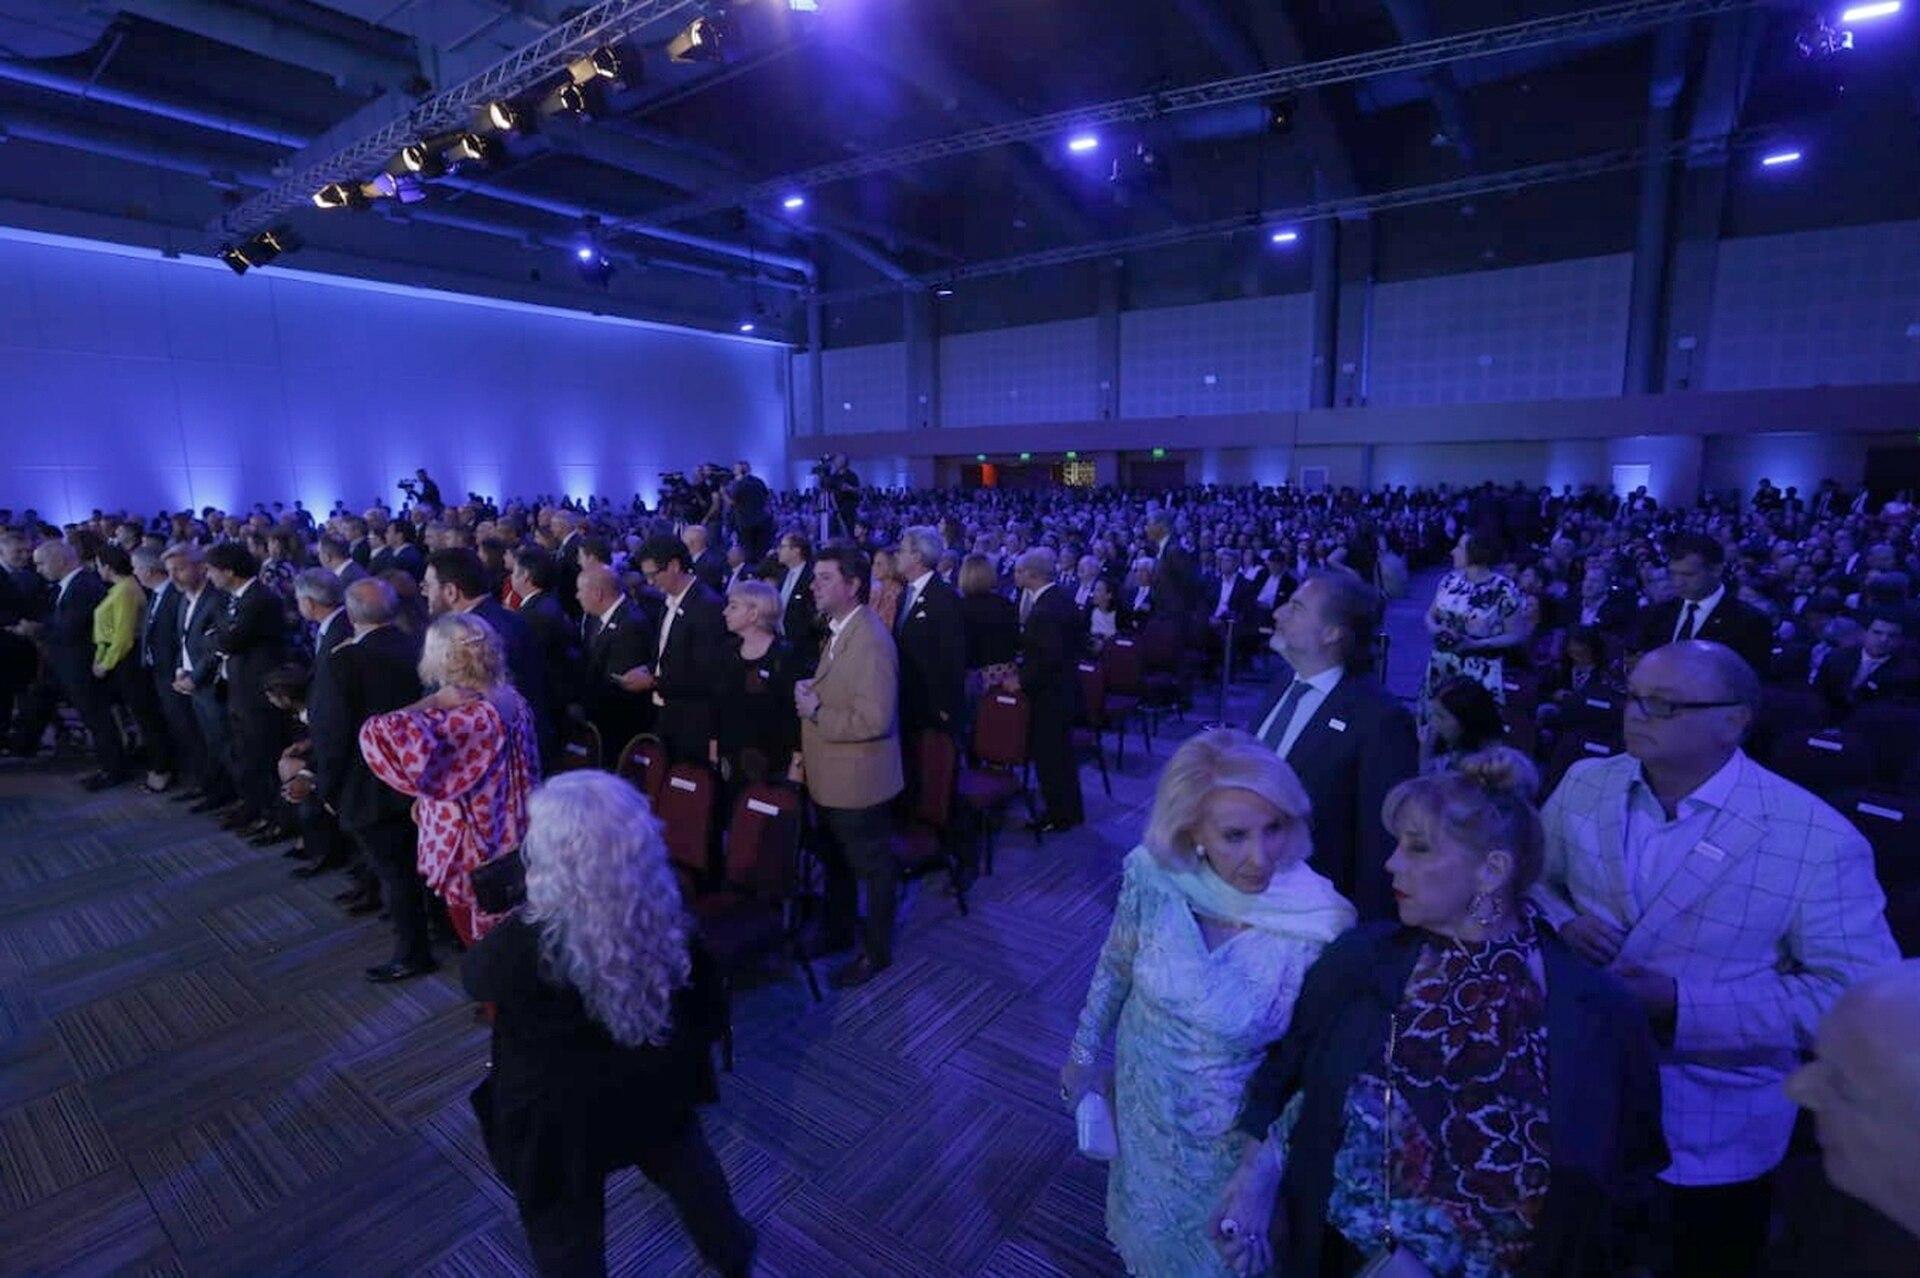 Al festejo de los 150 años de LA NACION asistieron más de 1600 invitados especiales. En primera fila, Mirtha Legrand con su hija, Marcela Tinayre